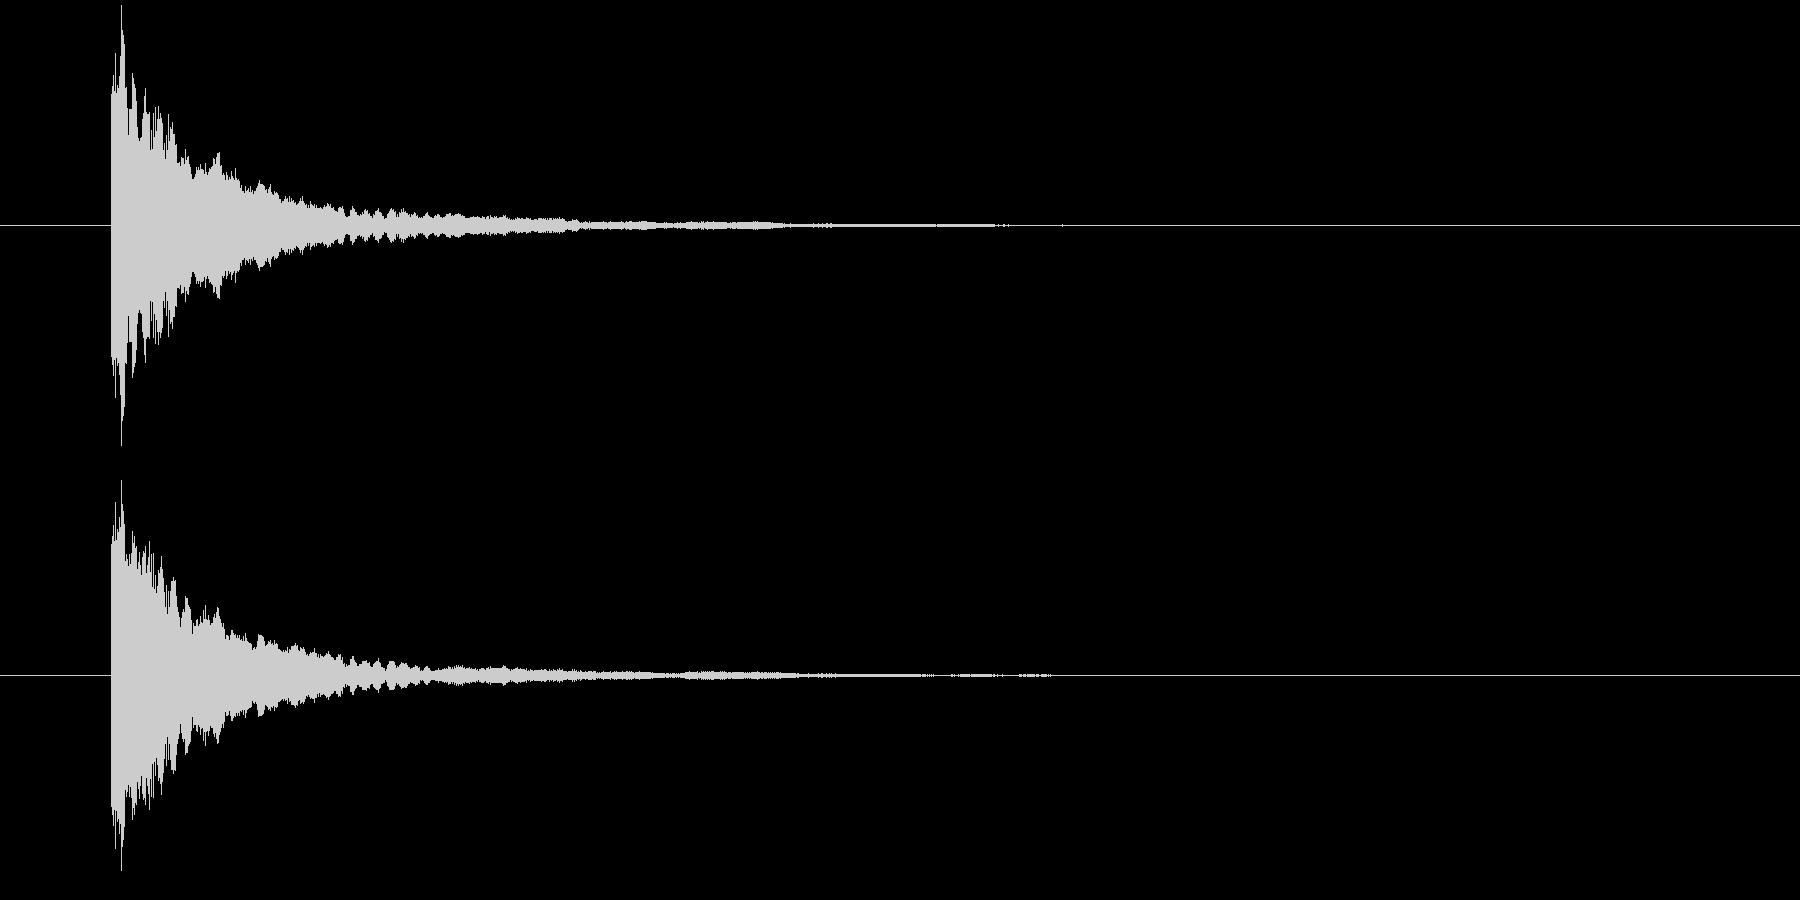 キラーン①(星の輝き・瞬く・きらめく)の未再生の波形